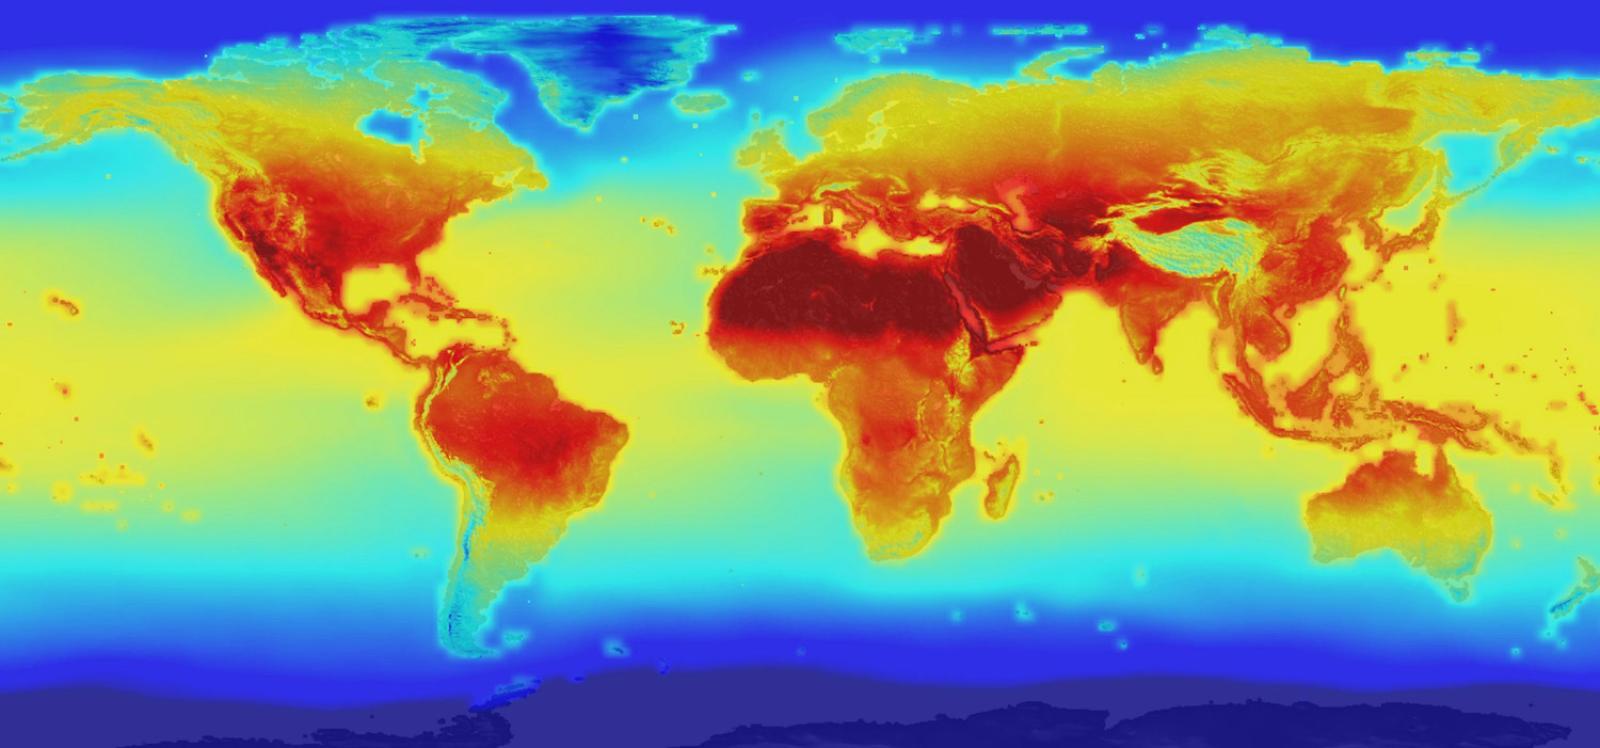 Risultati immagini per L'era dello sfacelo ambientale e climatico